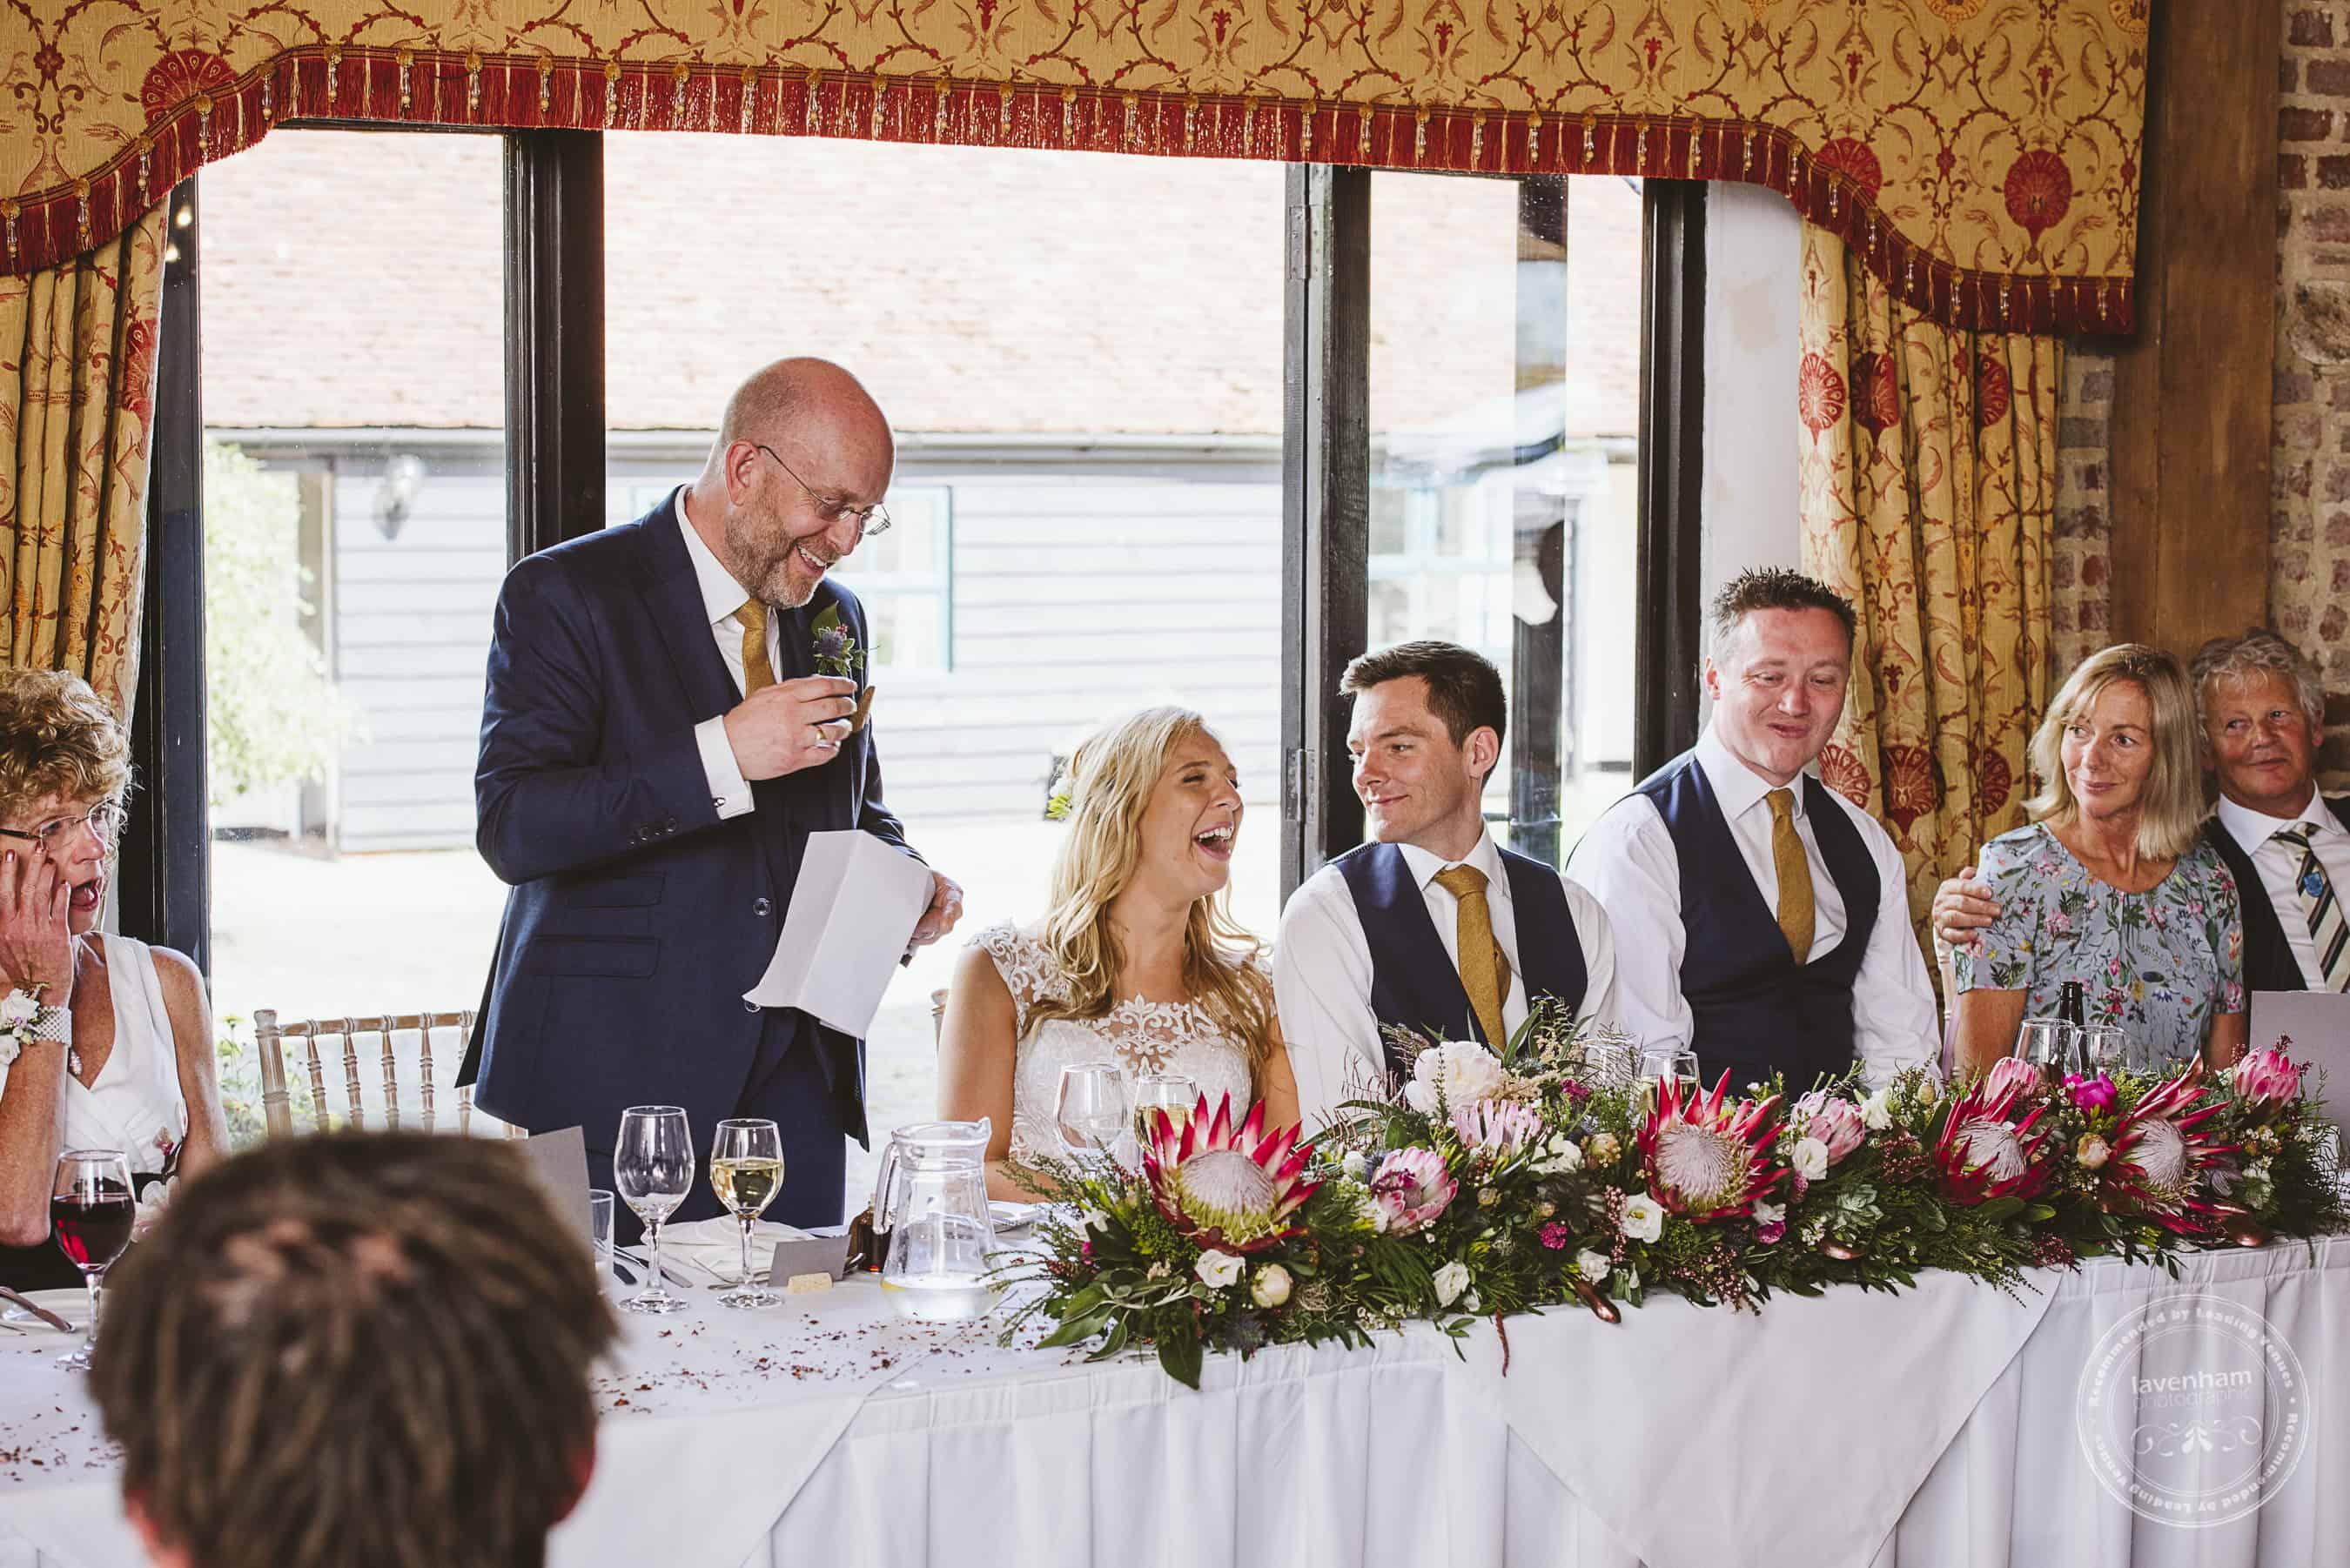 020618 Leez Priory Wedding Photography Lavenham Photographic 141